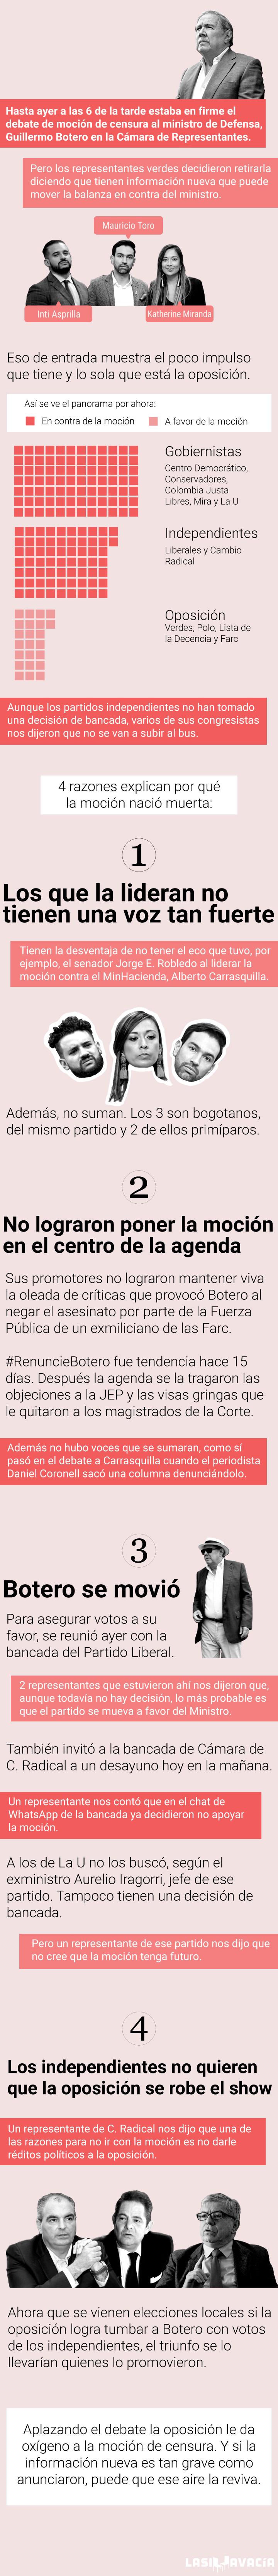 La moción contra Botero nació muerta (ahora puede revivir)_8